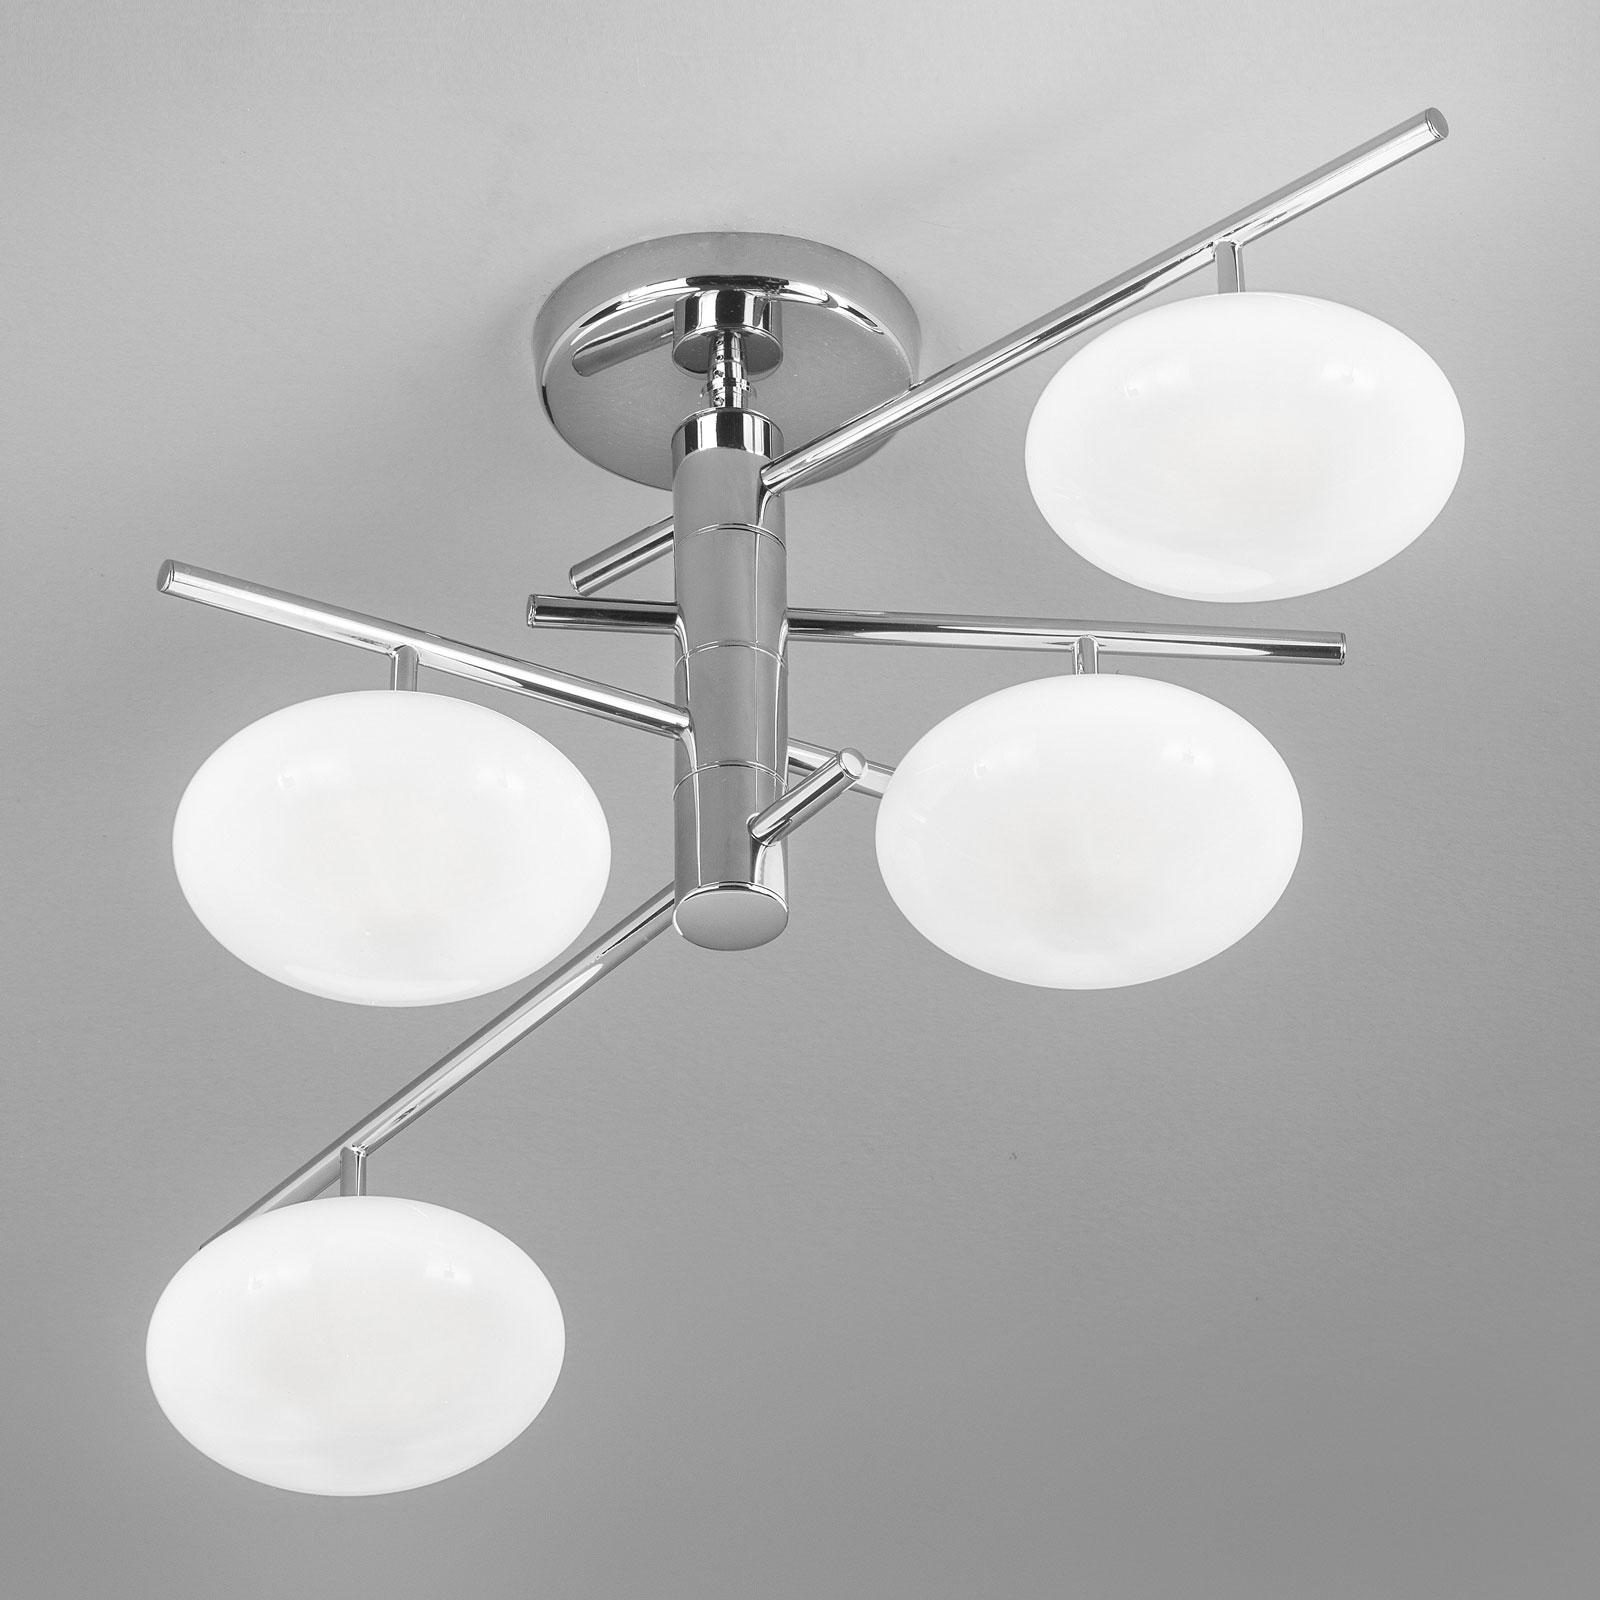 Lampa sufitowa Dolce 4-pkt., chrom/białe klosze